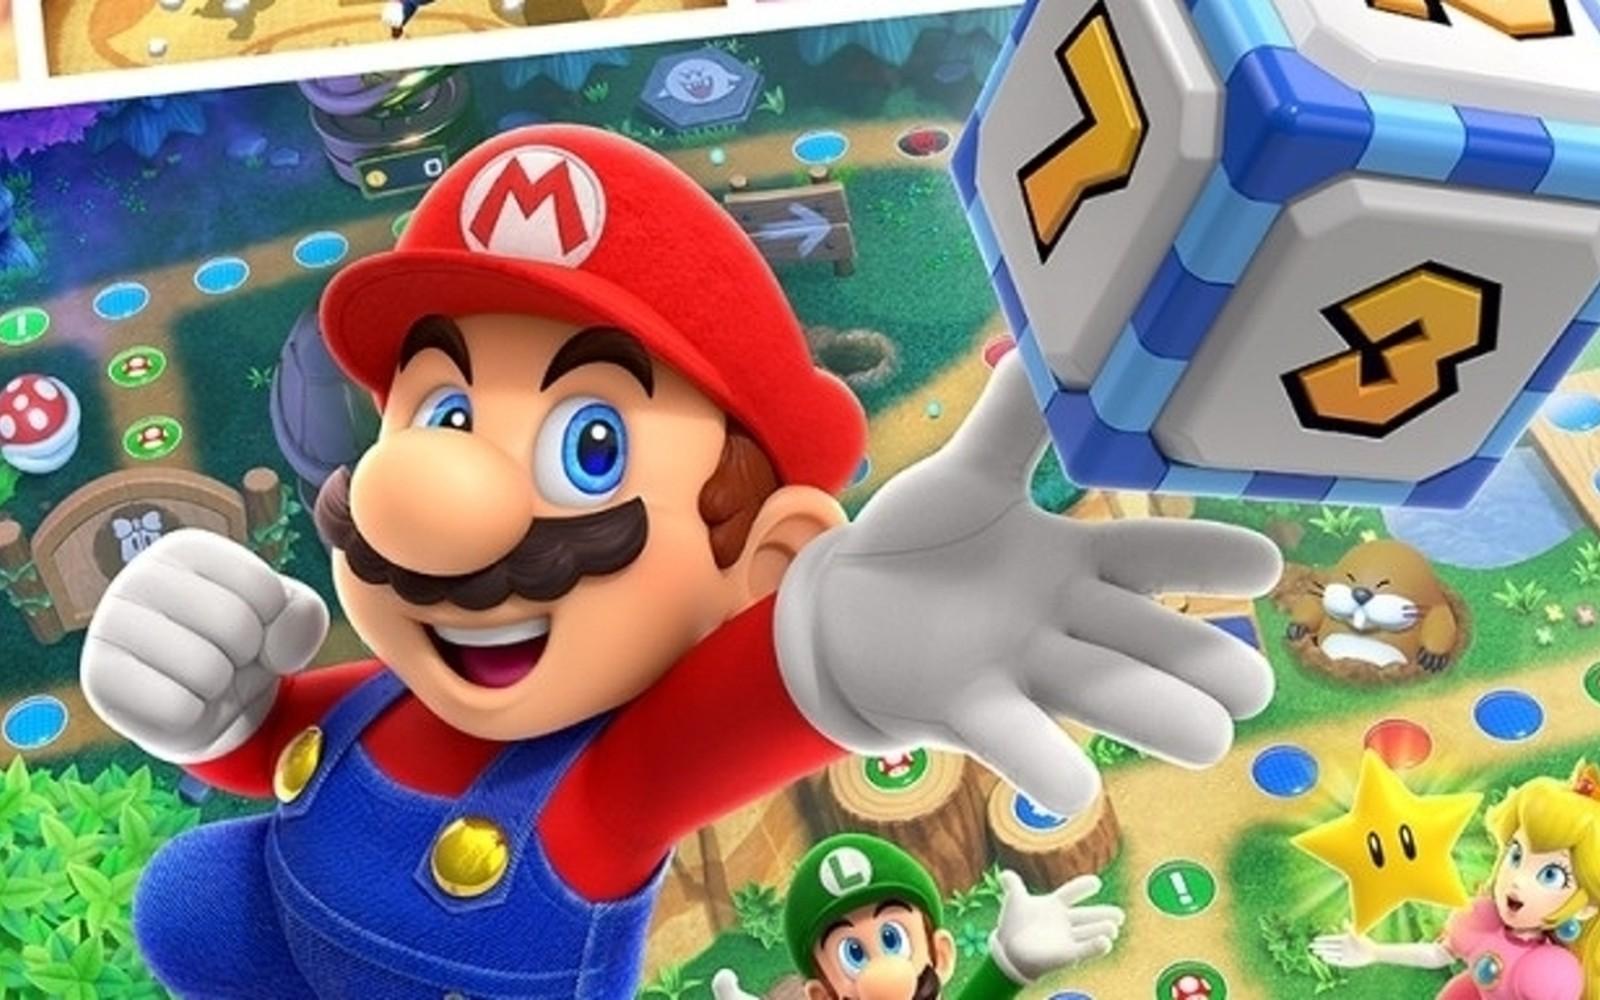 瑪利歐派對超級巨星 Mario Party Superstars